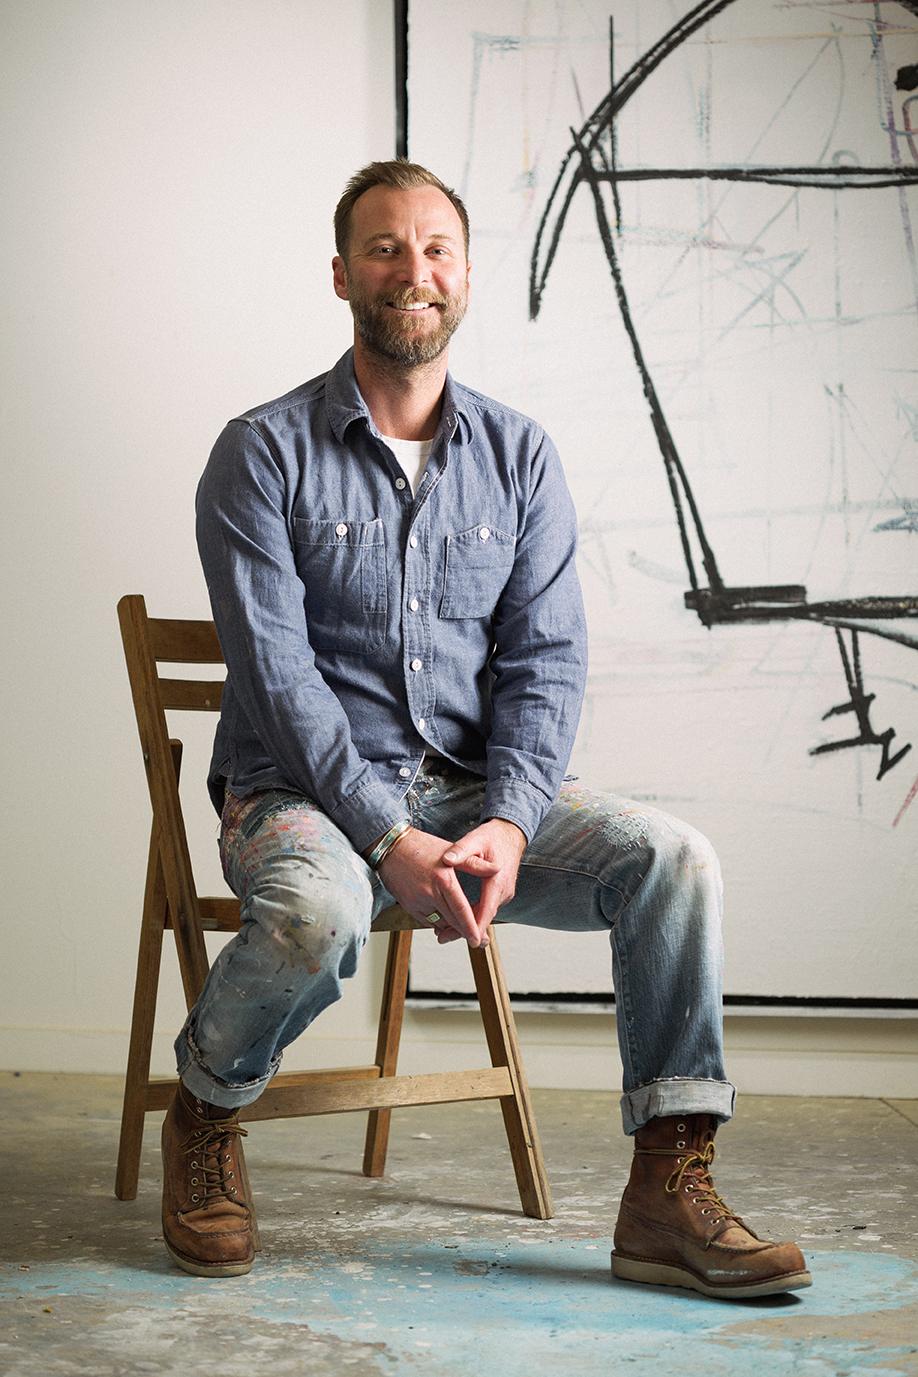 Chad M. Lawson -